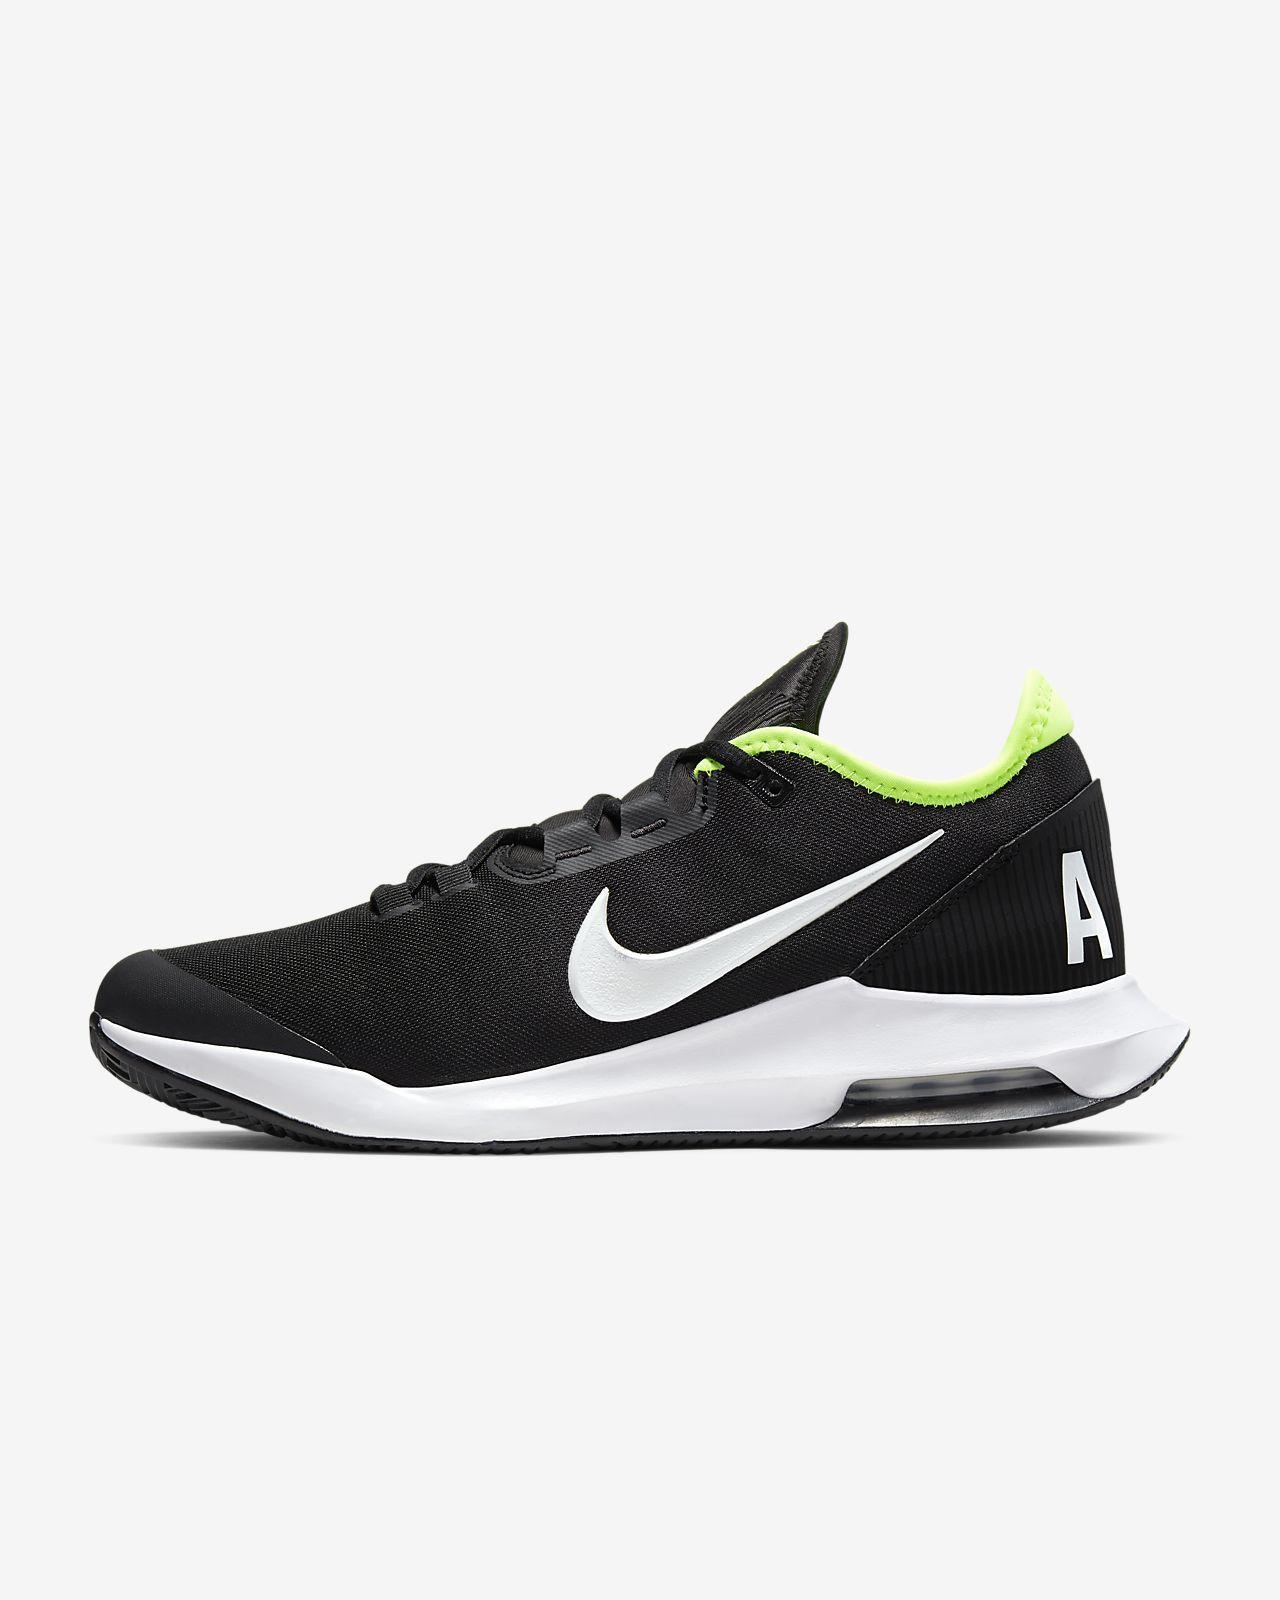 Nike Air Max Wildcard All Court Shoe